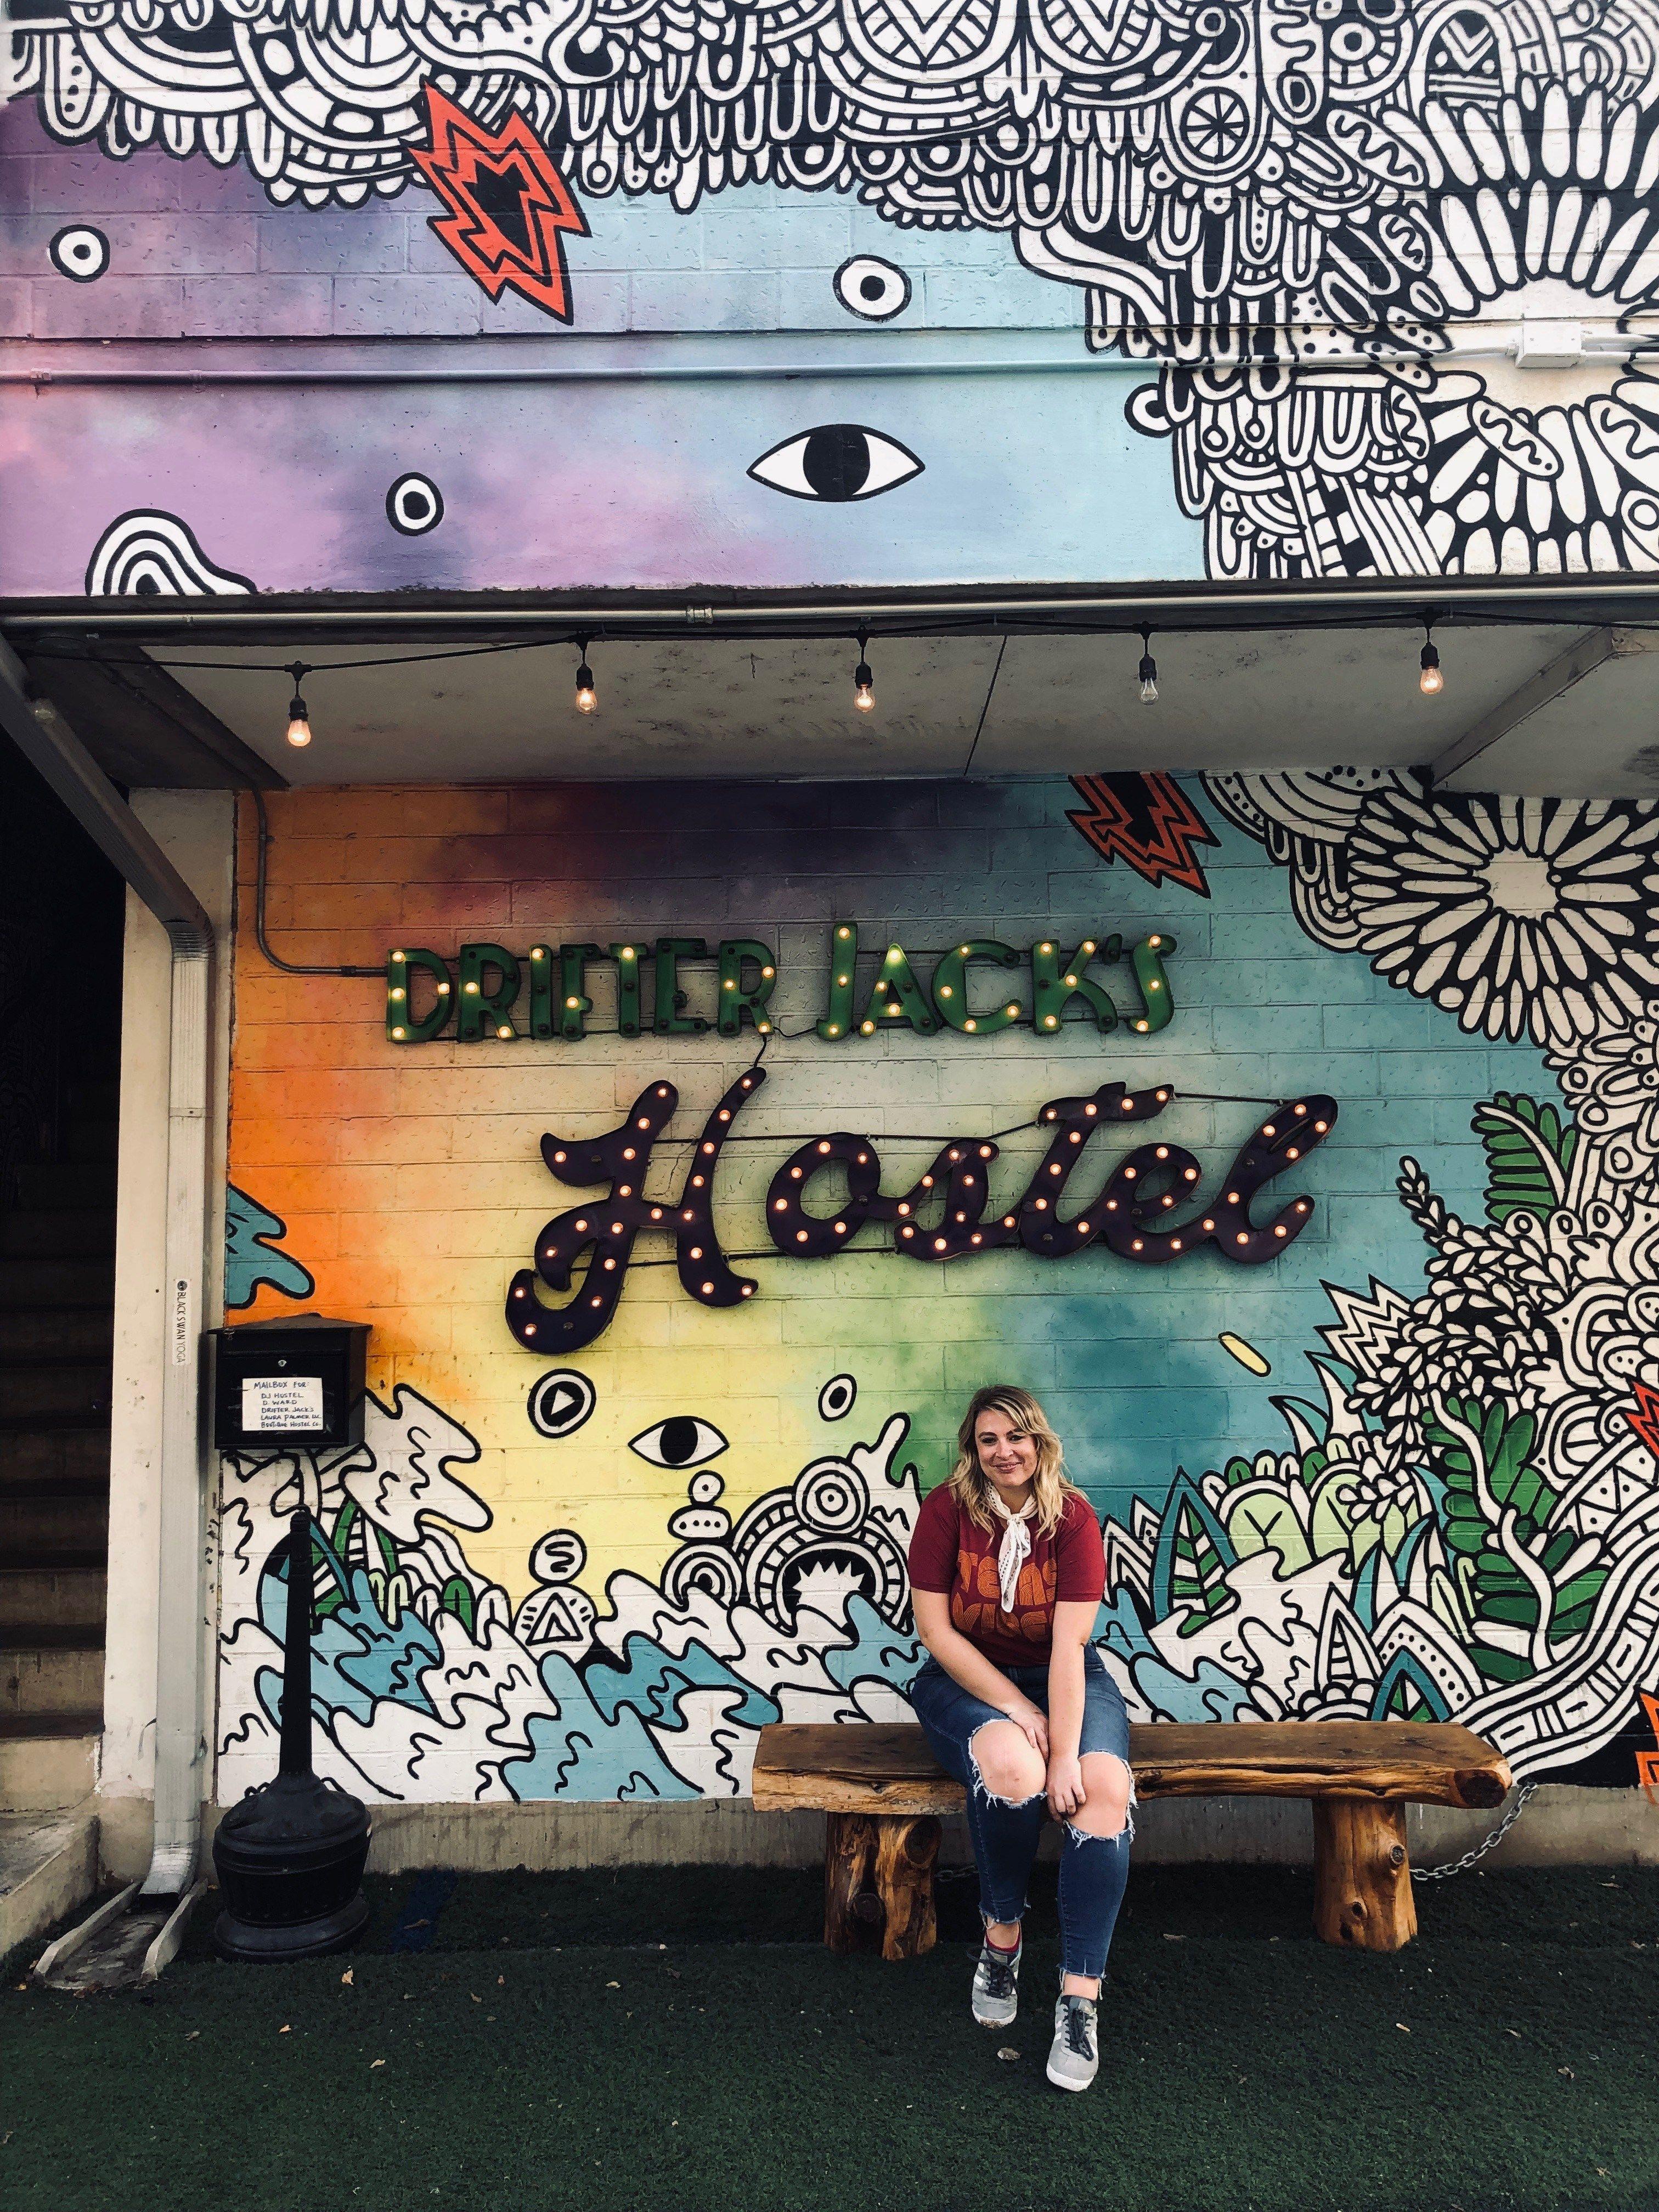 Drifter Jacks Hostel In Austin Texas Austin Murals Mural Family Travel